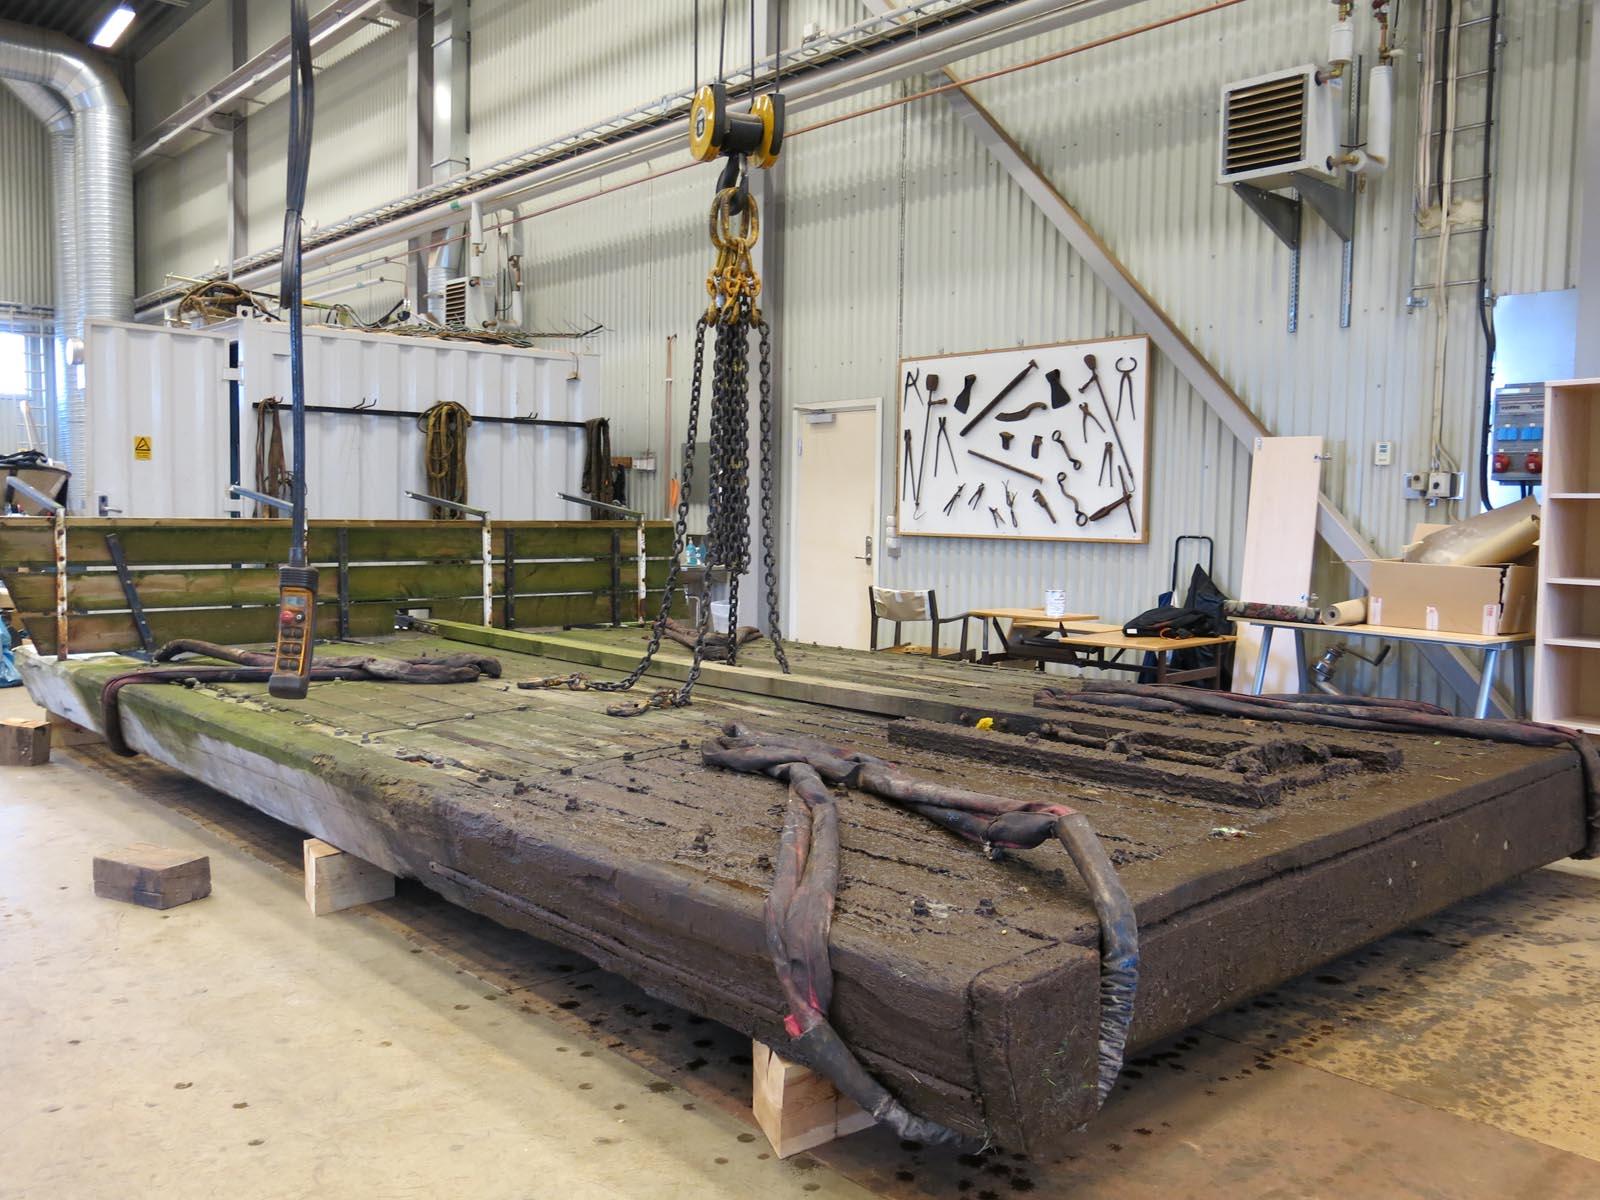 Slussporbladet i Kanalhyttan redo för besikning och reparation.